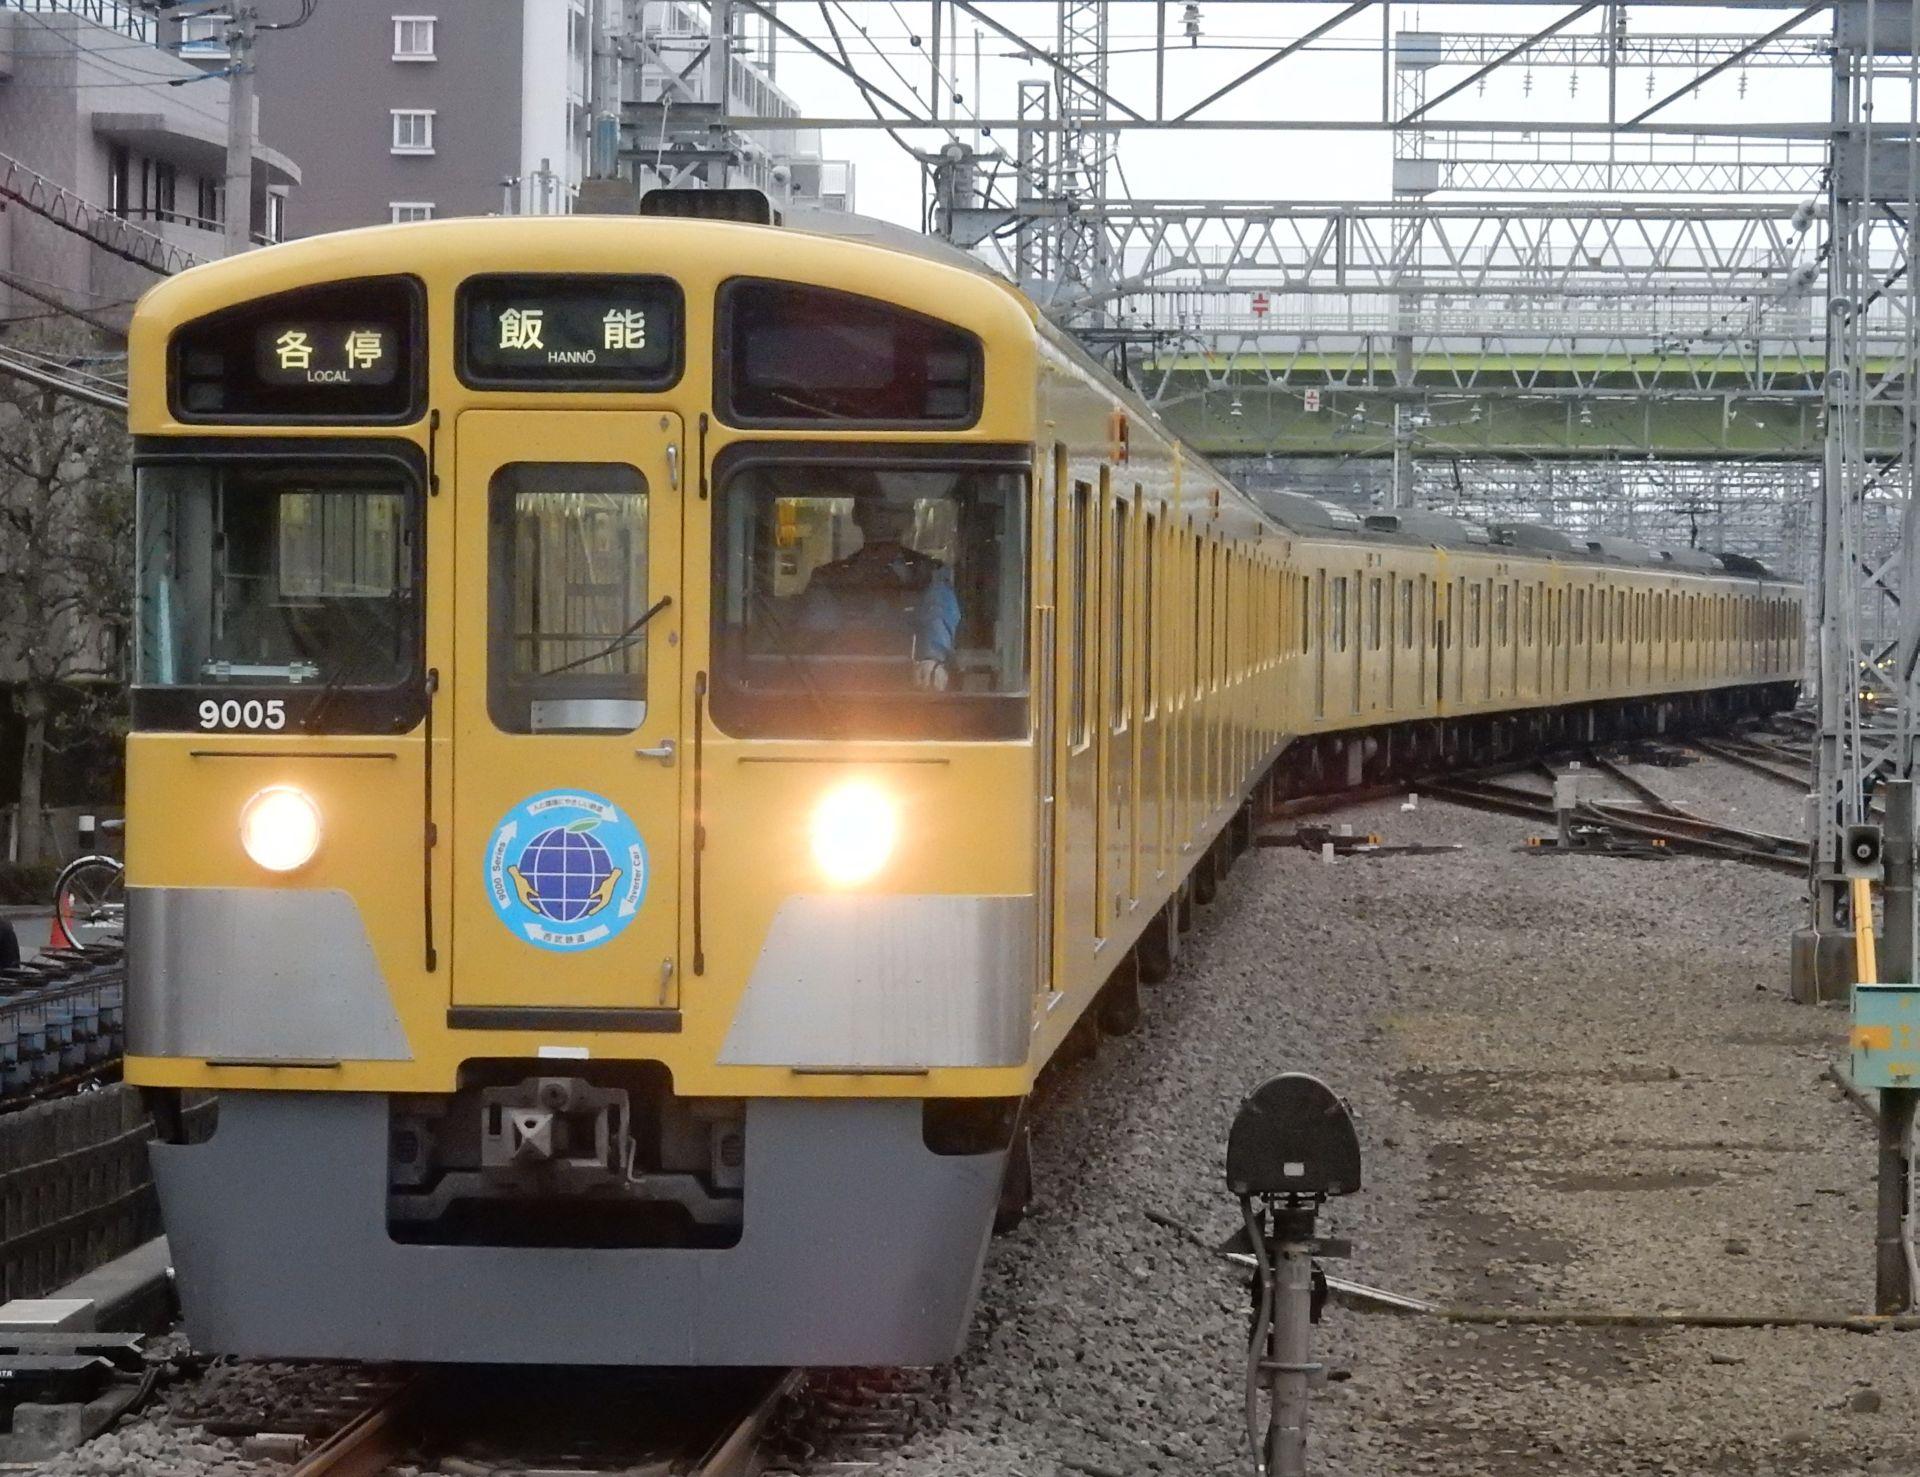 DSCN7146 - コピー